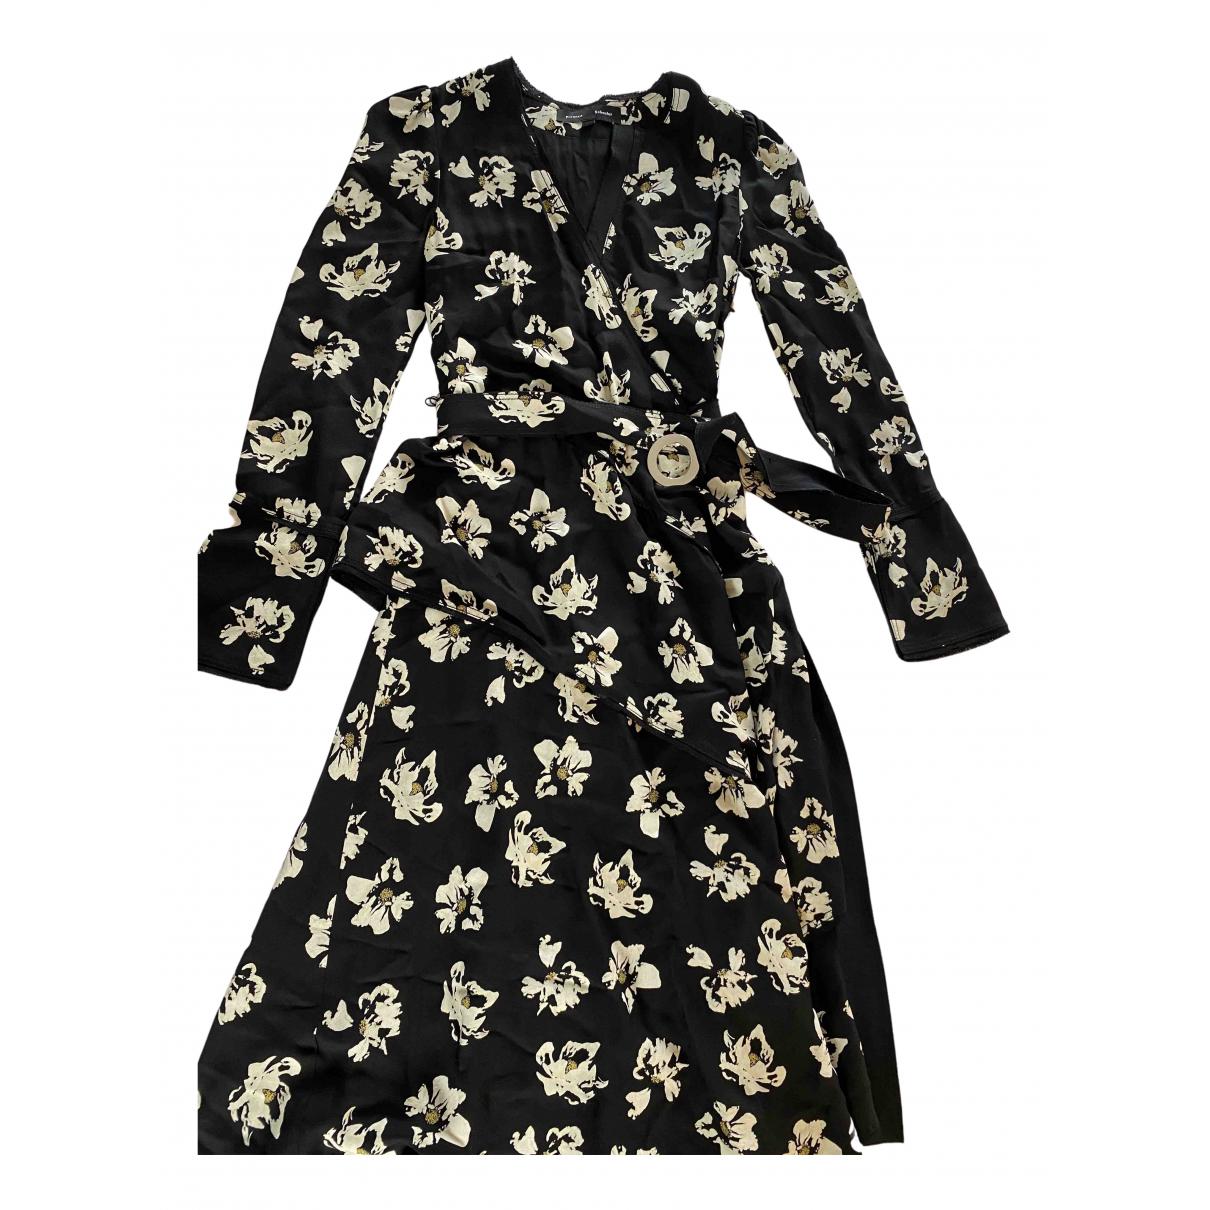 Proenza Schouler \N Kleid in  Schwarz Viskose